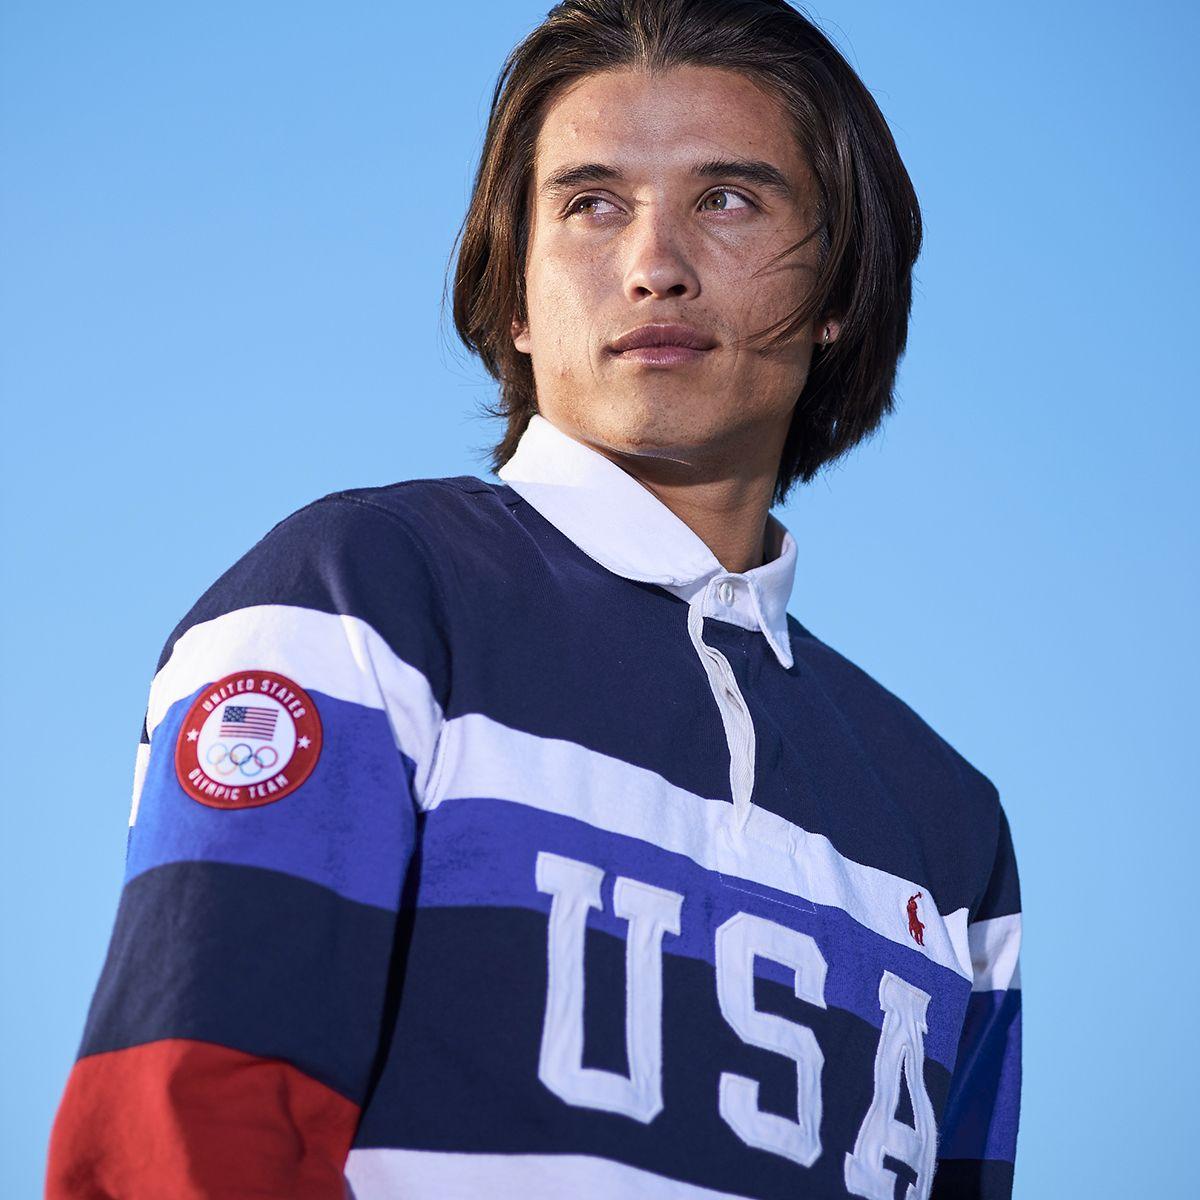 Polo Ralph Lauren x Team USA